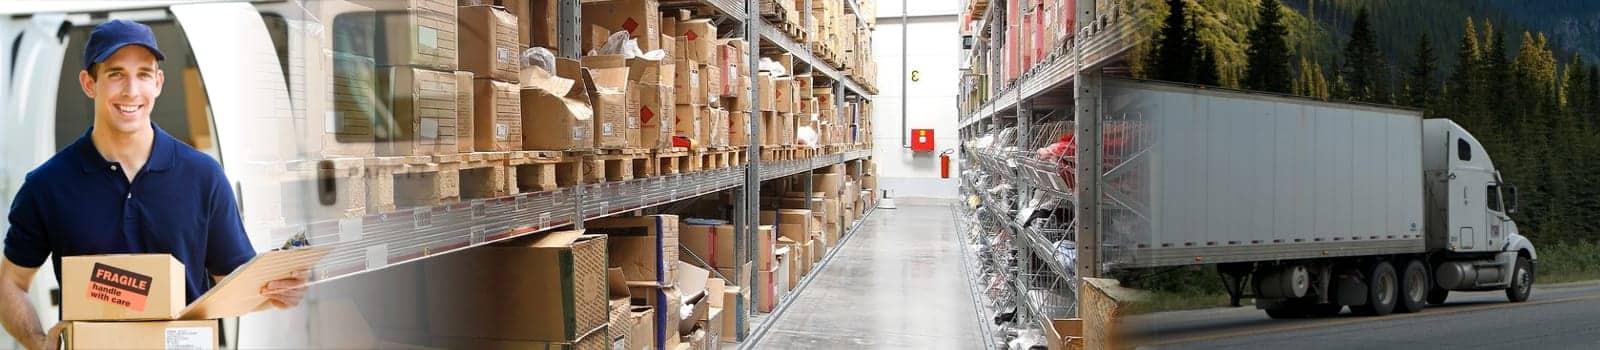 Une solution logistique adaptée dans un centre d'affaire en France